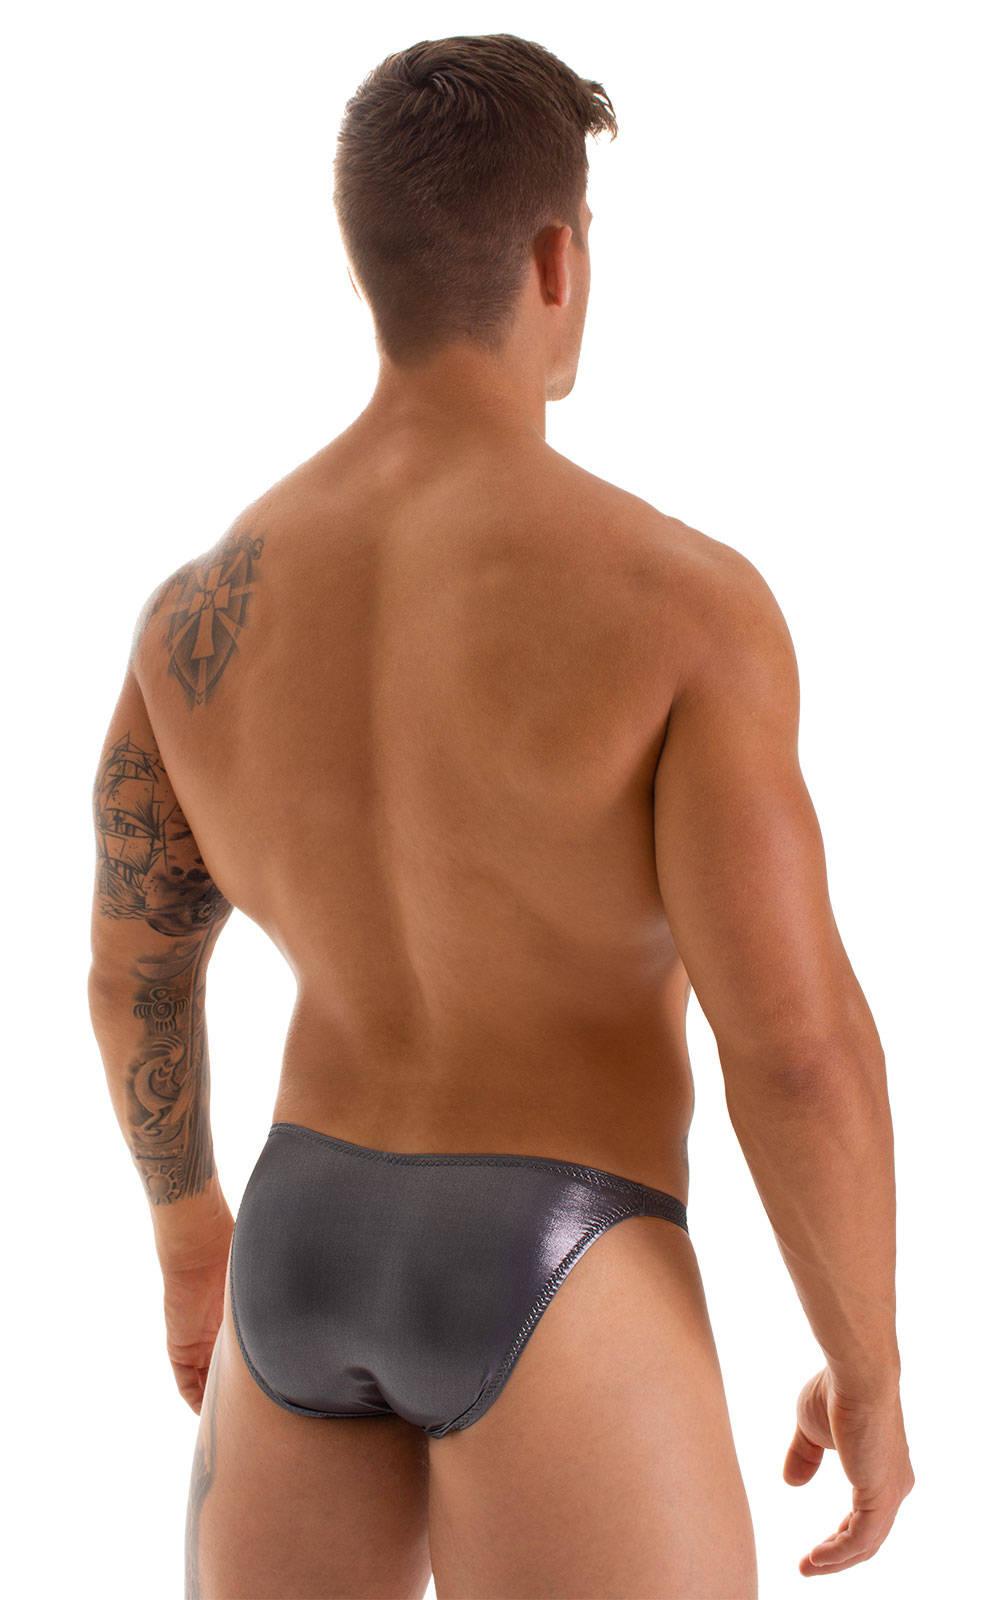 Stuffit Pouch Bikini Swimsuit in Black Ice 2